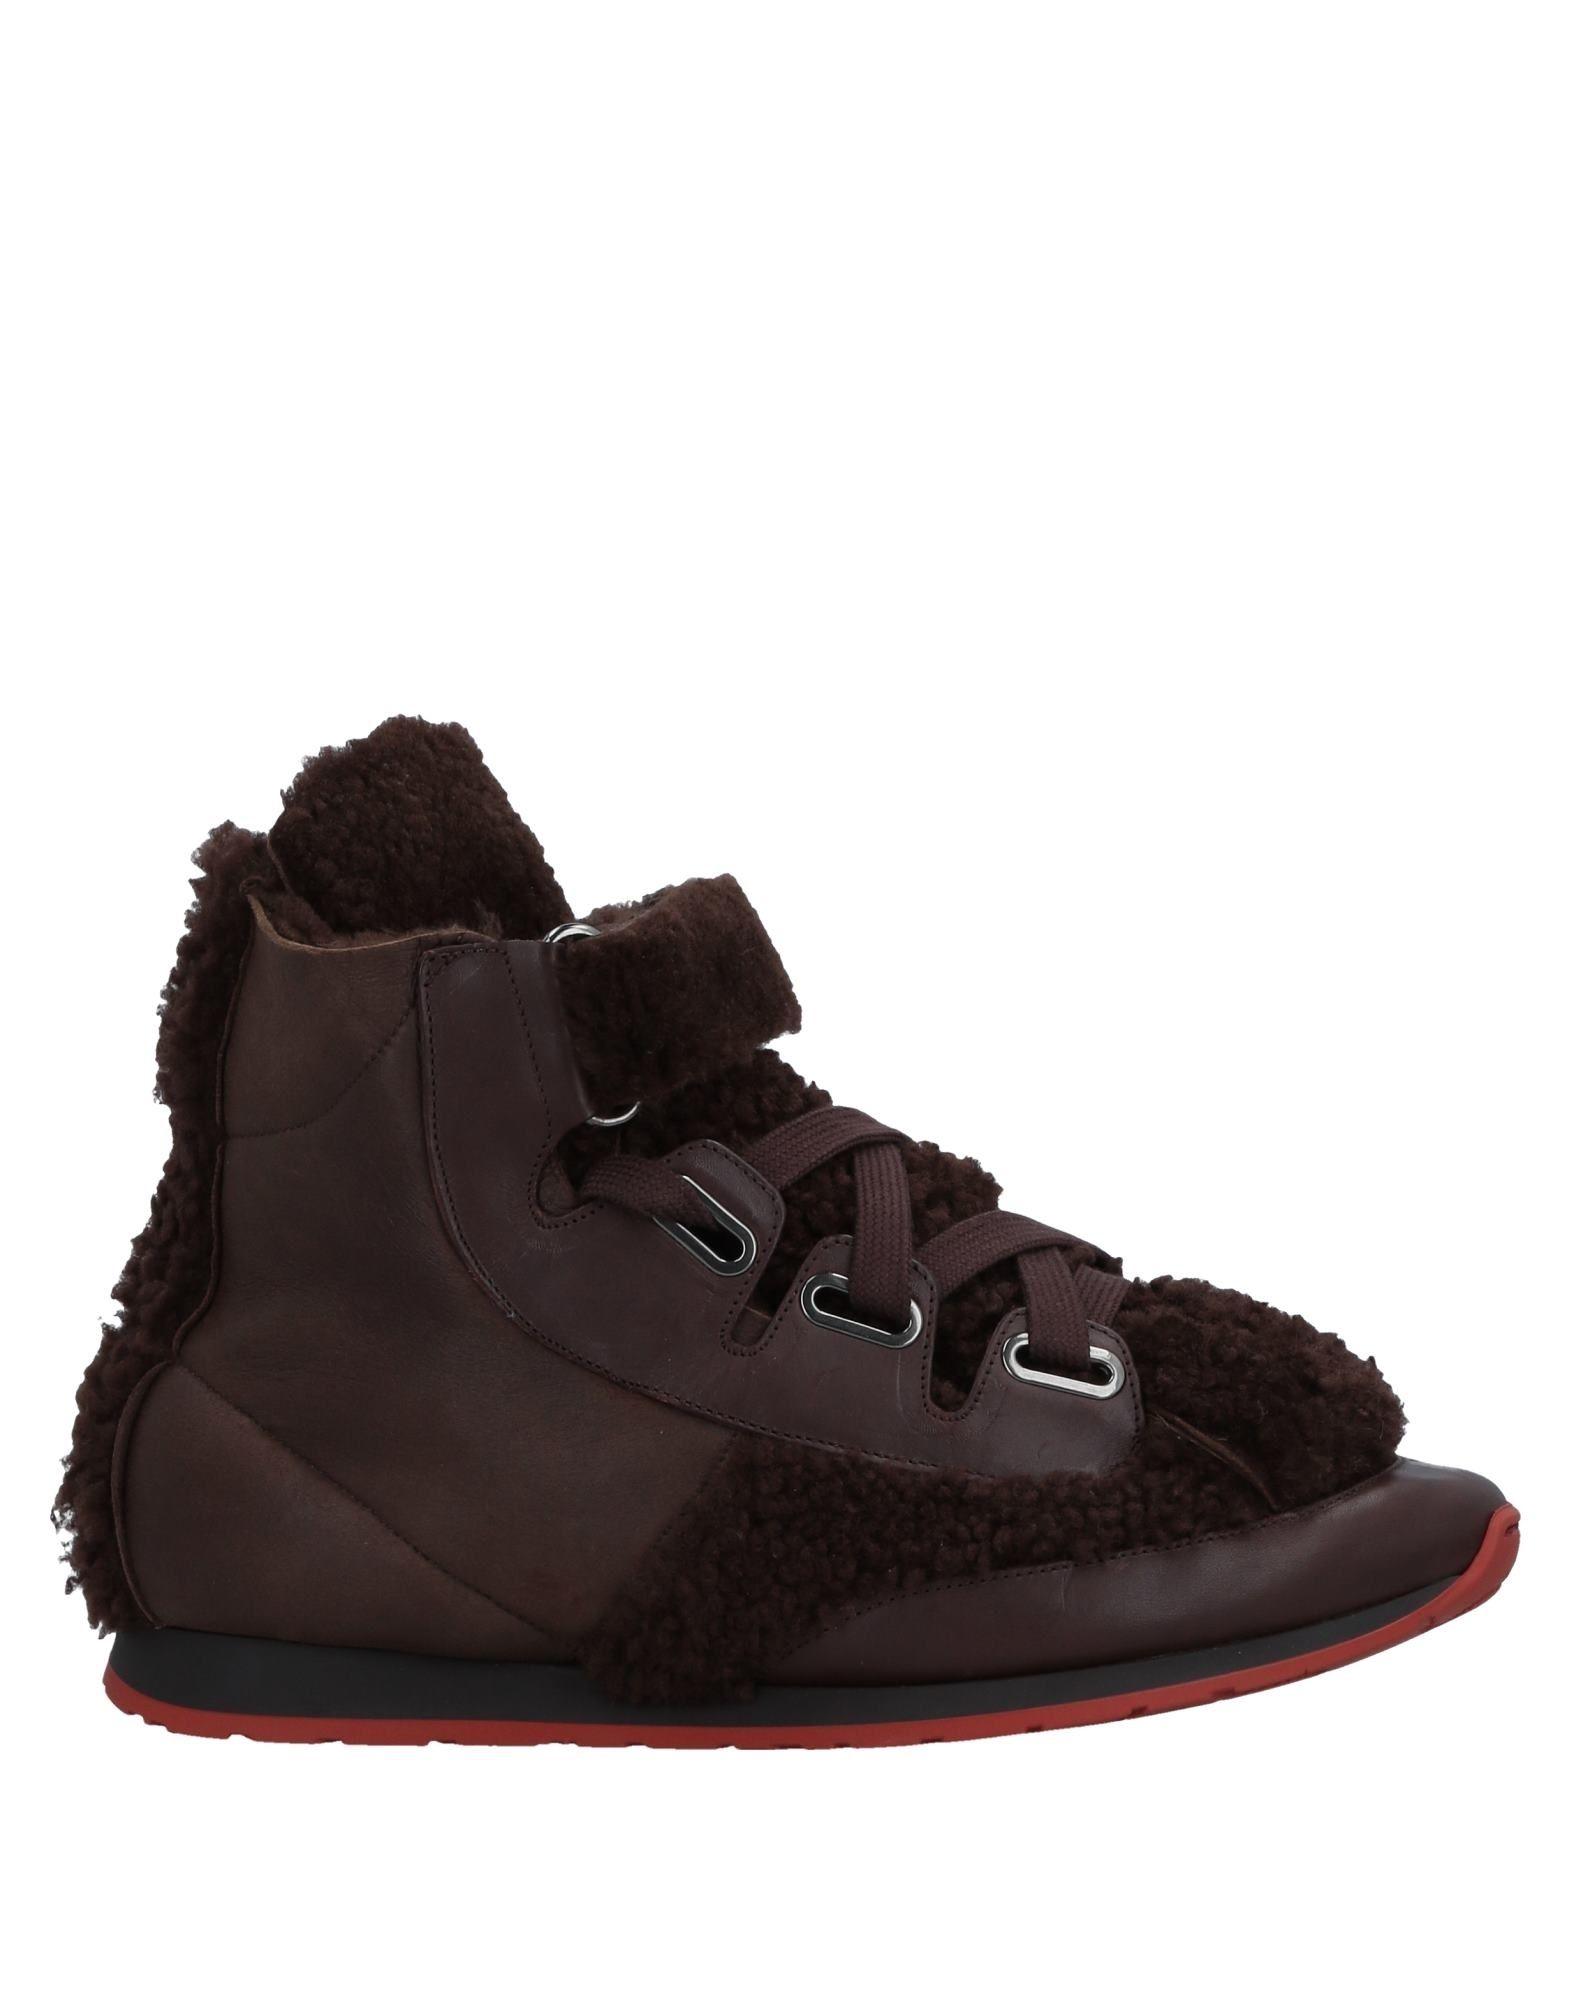 Vivienne Westwood Sneakers Herren  11517413II Gute Qualität beliebte Schuhe